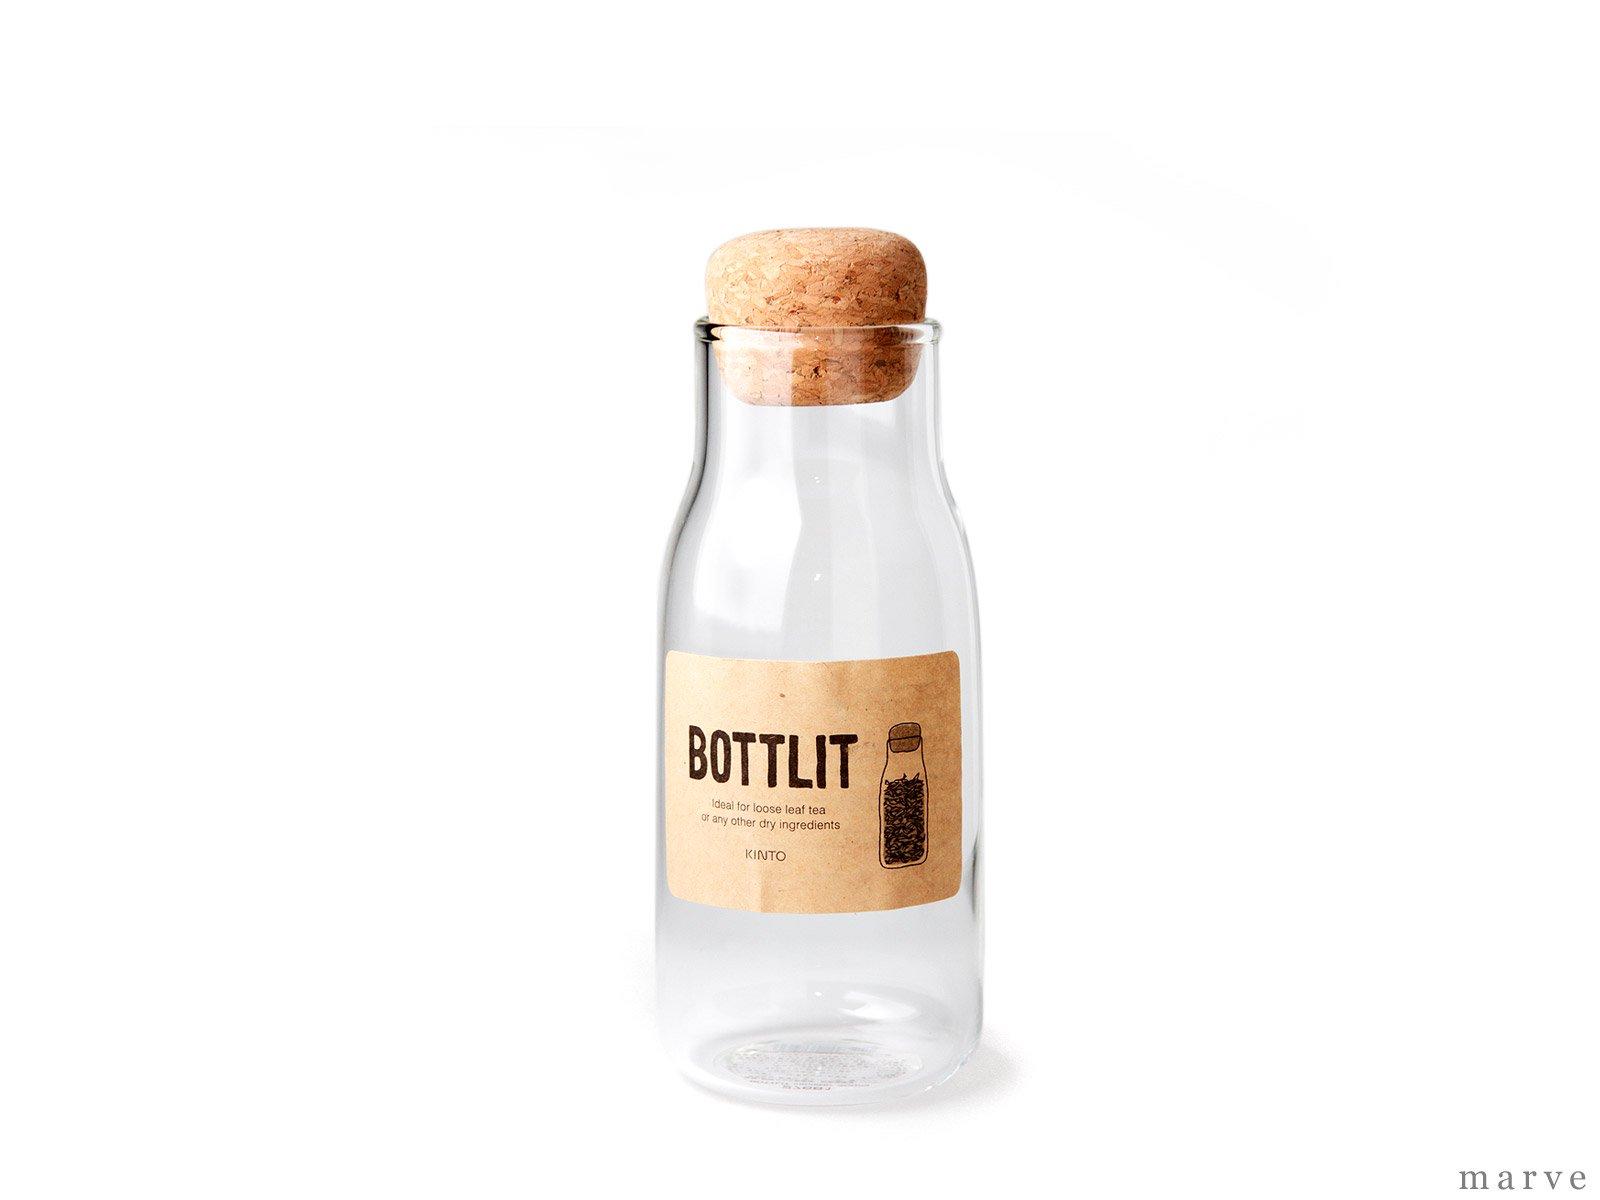 BOTTLIT(ボトリット) ガラスキャニスター 300ml